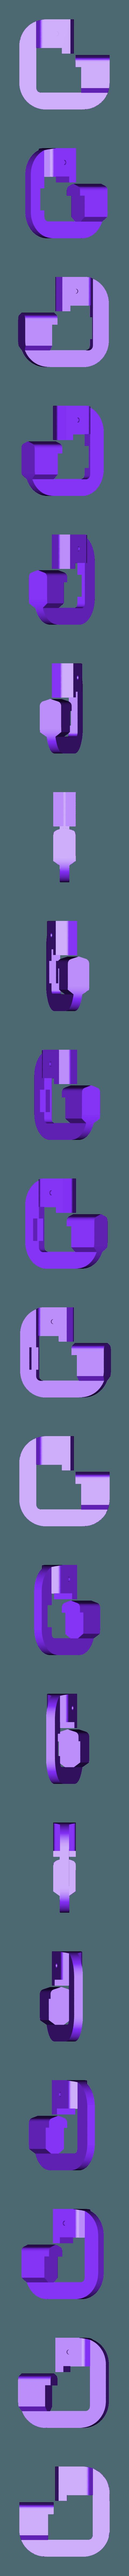 CastChainPuzzle1.stl Download free STL file CastChainPuzzle • 3D printable design, Digitang3D